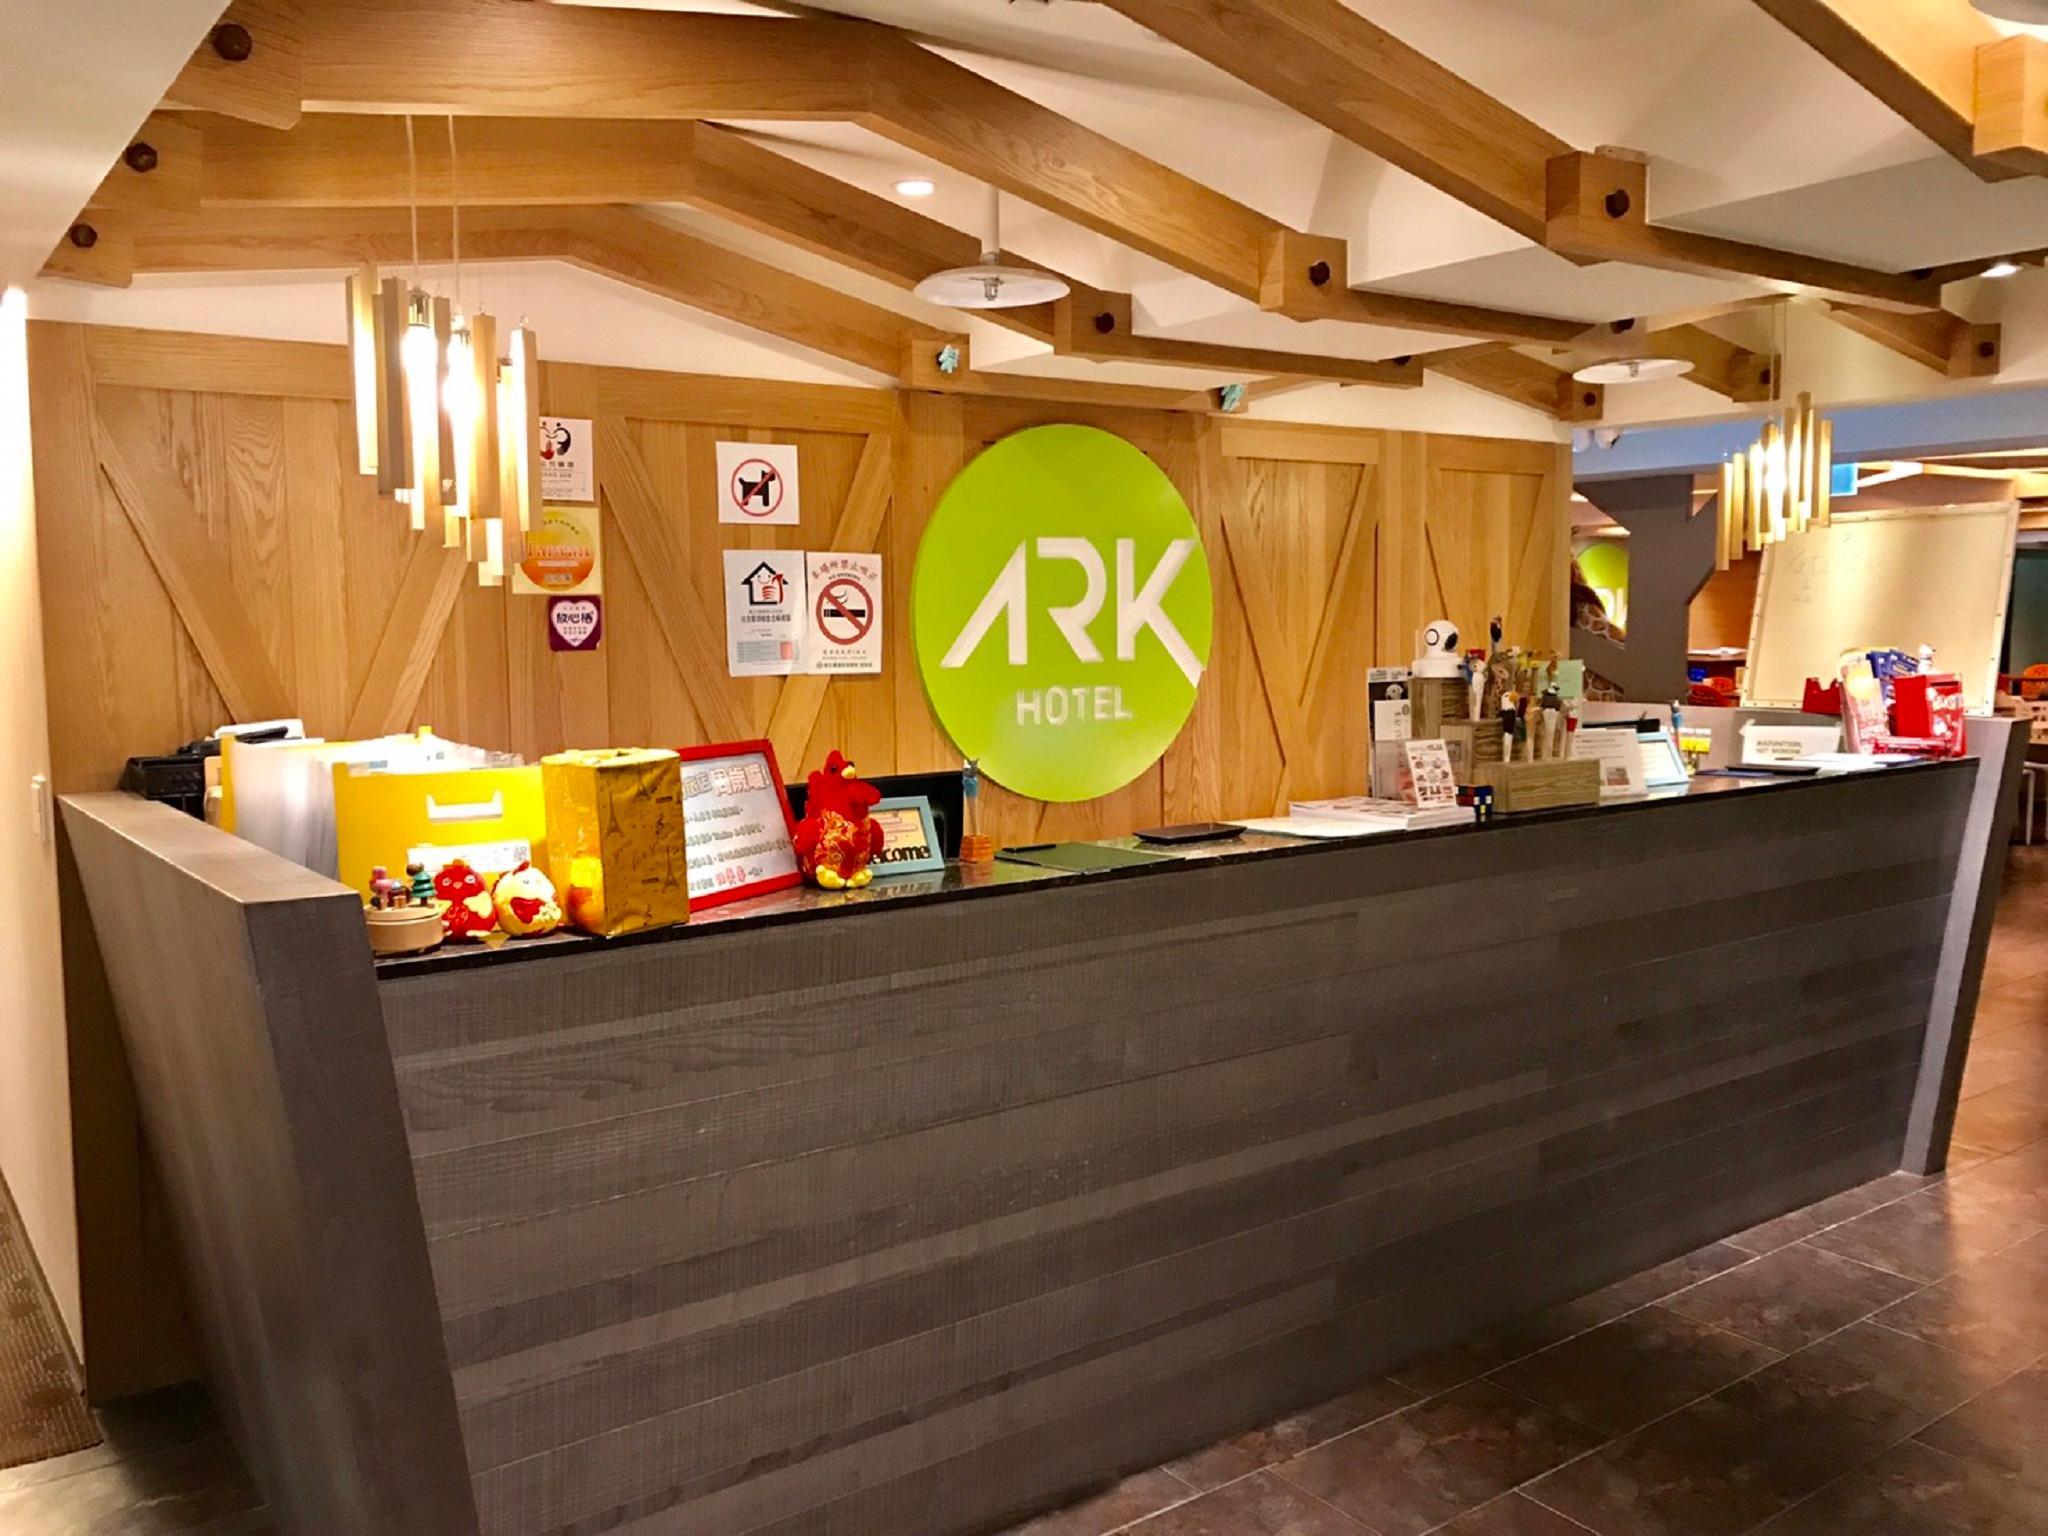 方舟旅店 - 長安復興館 (Ark Hotel-Changan Fuxing) (臺北市) - 2018 最新優惠價 Agoda.com